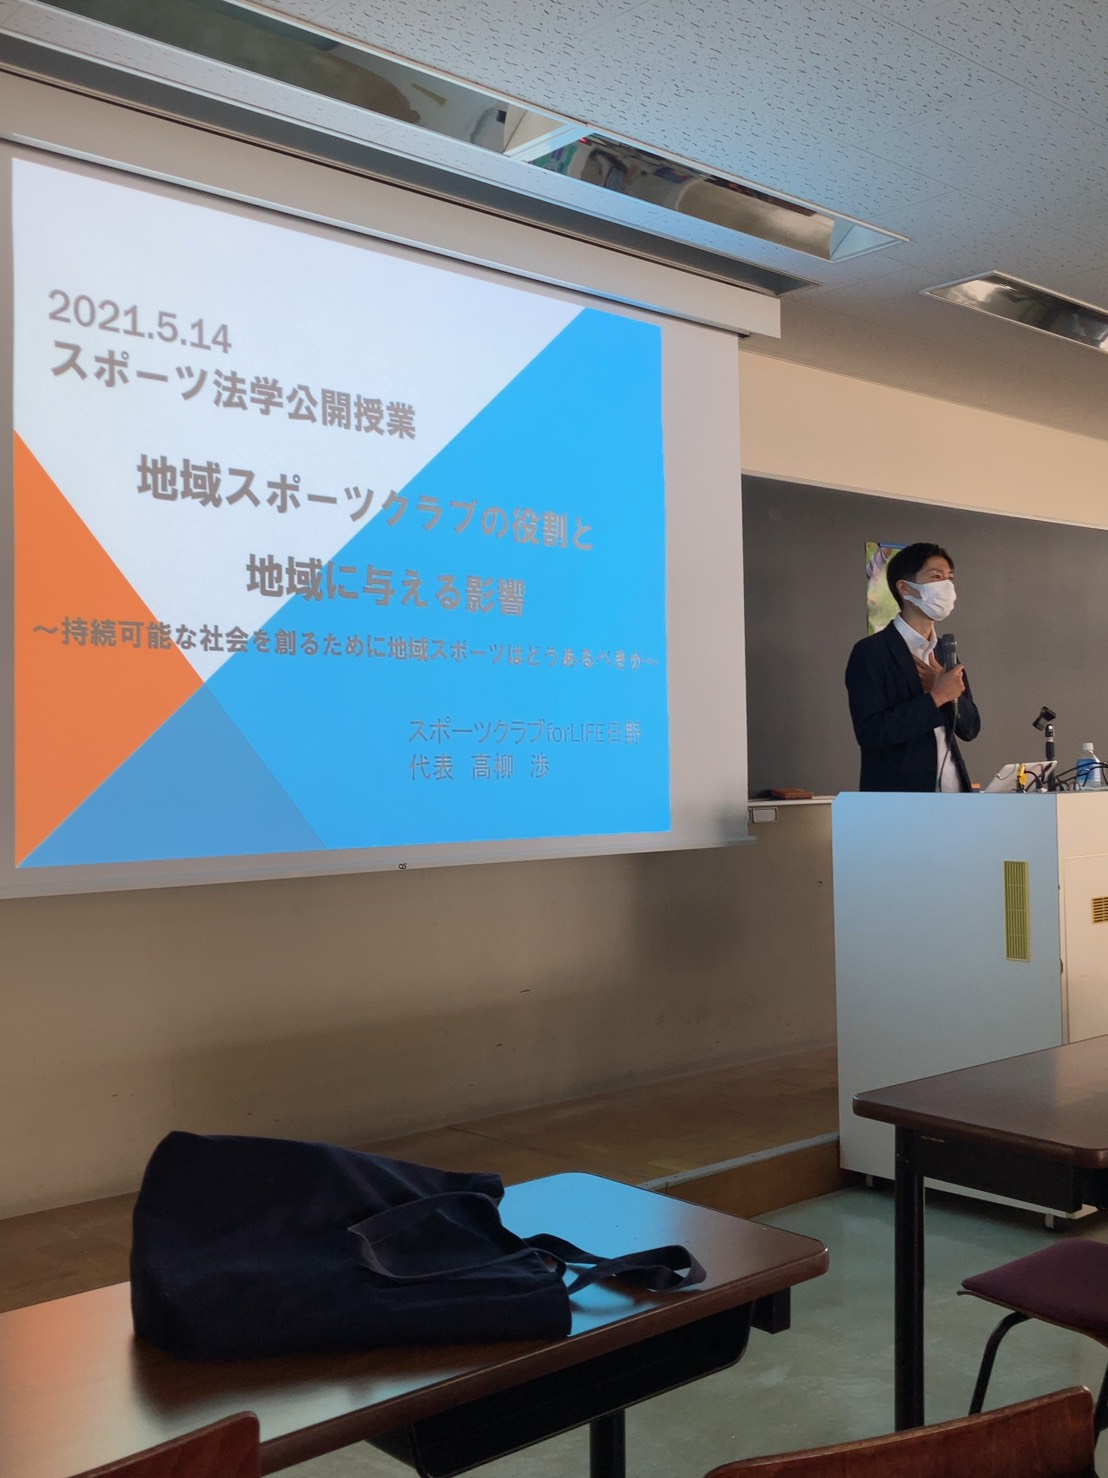 【イベントレポート】大学生に向けた講演会を行いました!